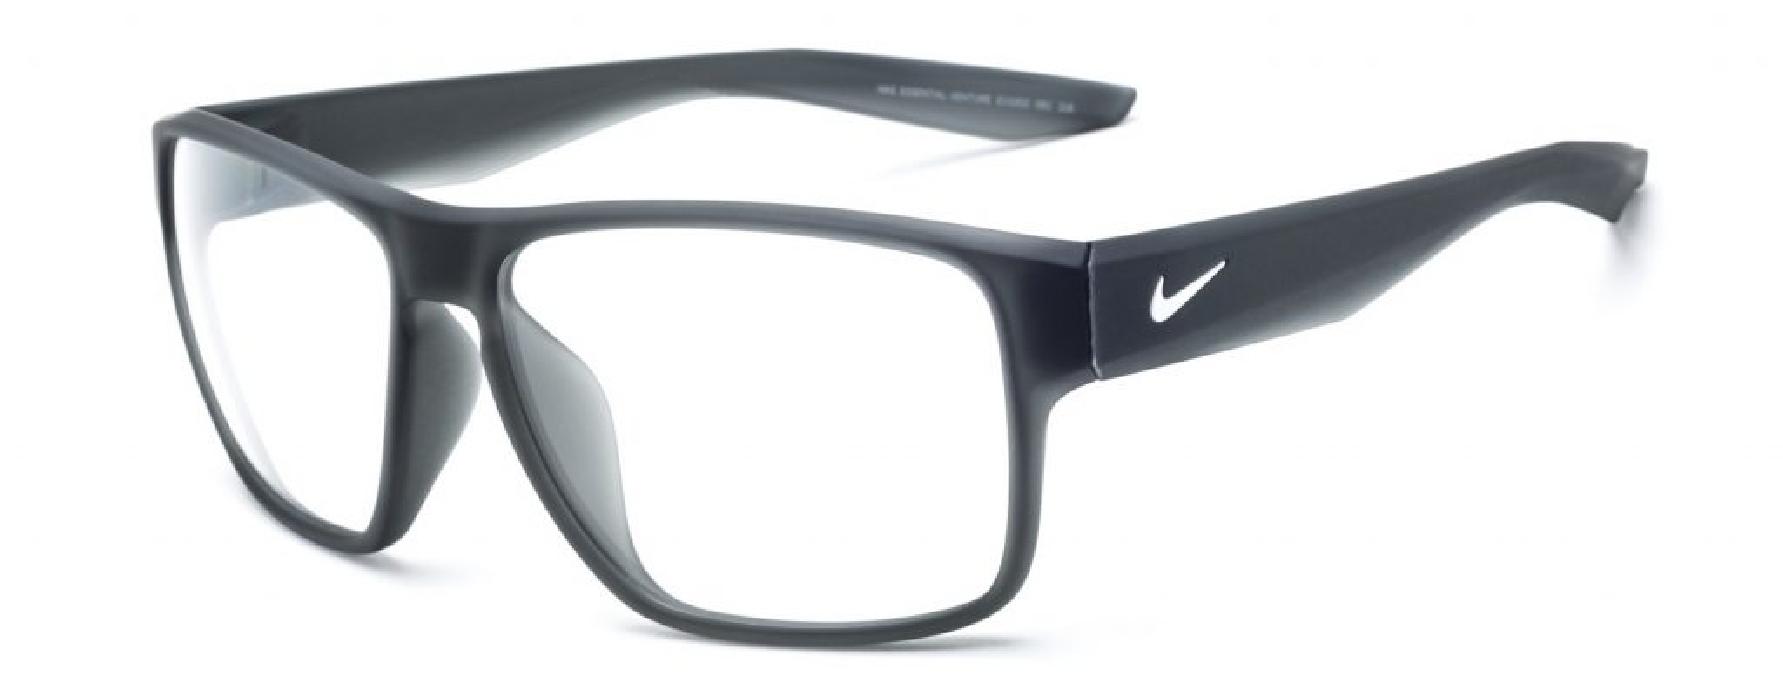 An image of Nike Venture Matte Grey